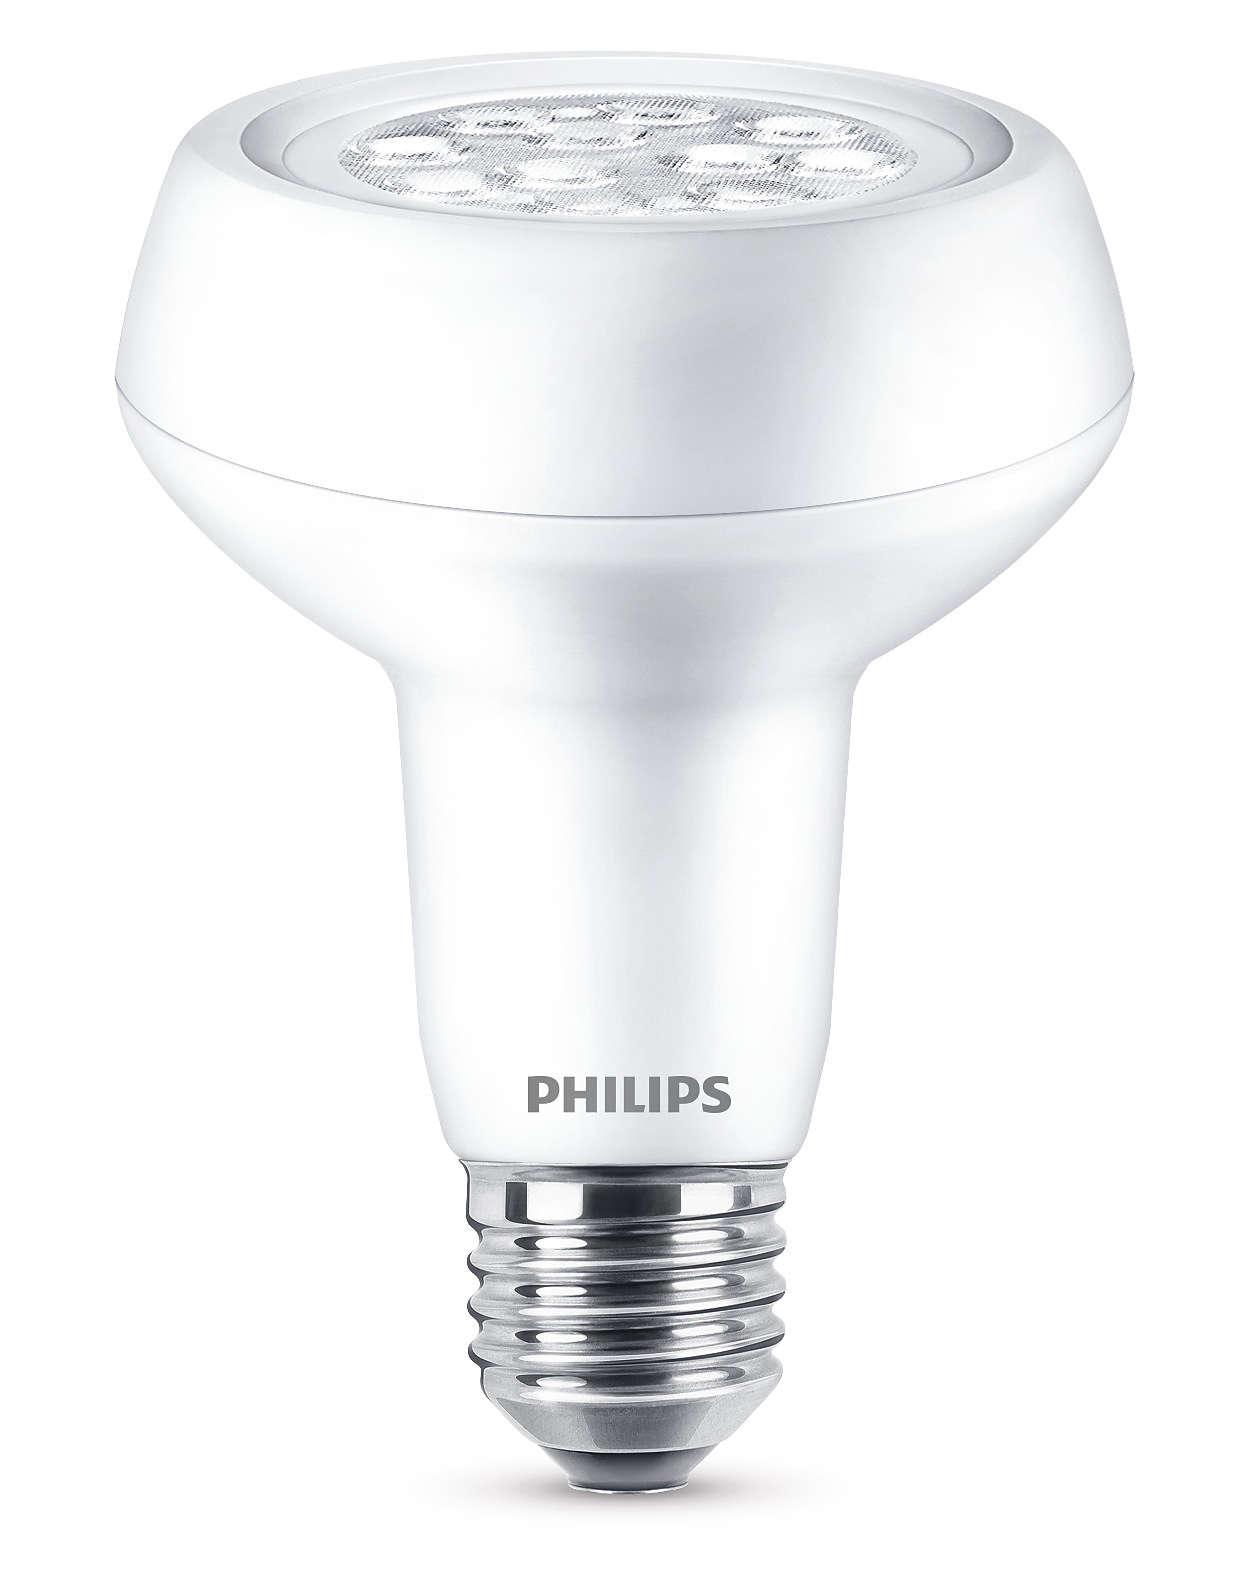 Odaklanmış parlak ışık demetiyle dayanıklı LED lamba